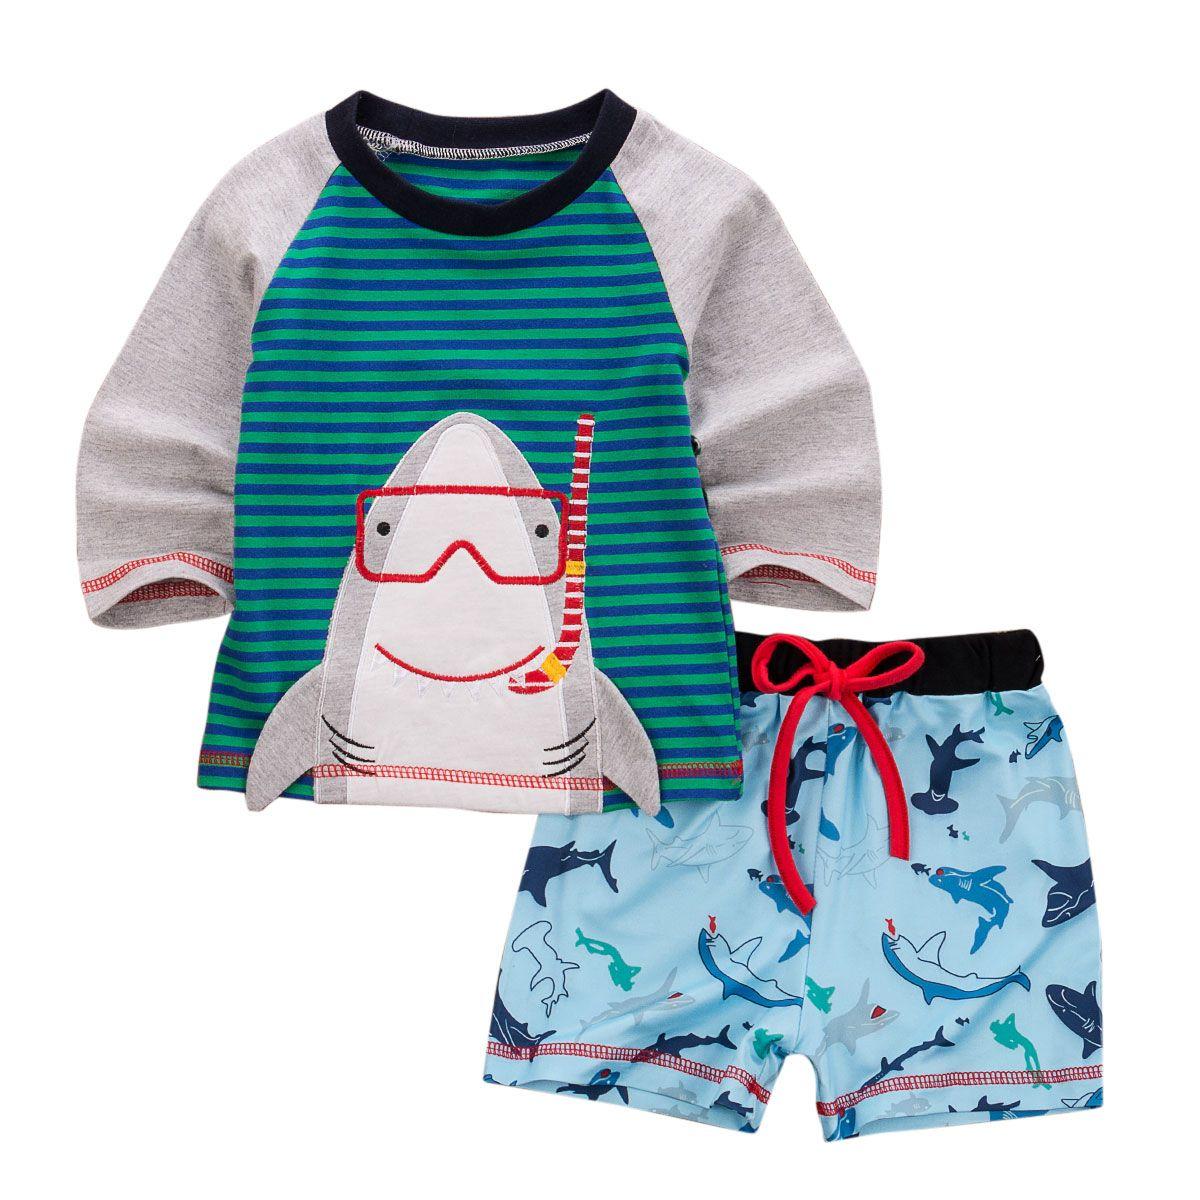 Детский набор новорожденный малыш мальчик печати хлопок футболка короткие брюки хлопок с длинным рукавом Осень Лето основные ежедневные Бесплатная доставка